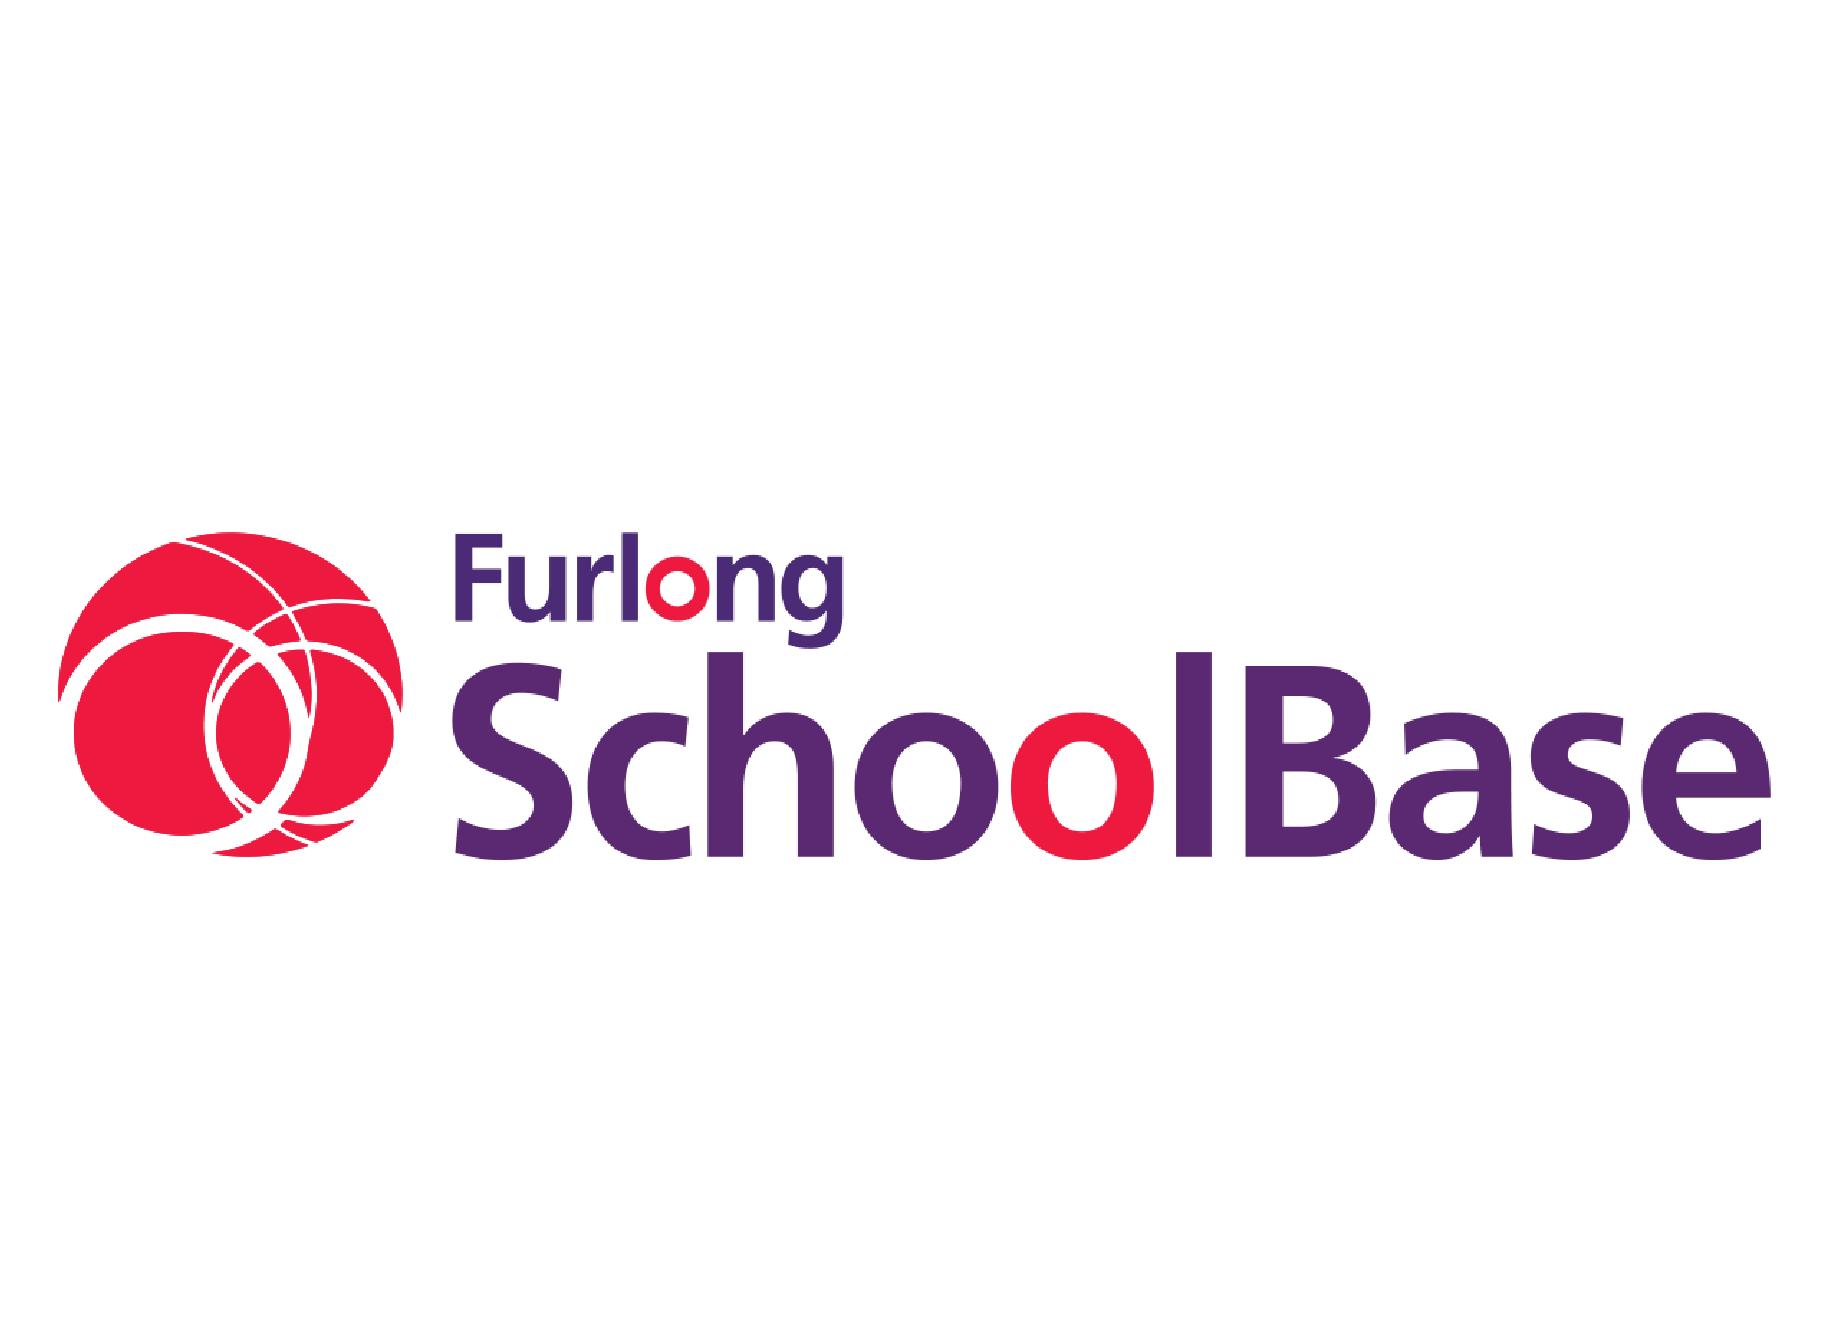 Furlong SchoolBase Partners 2019